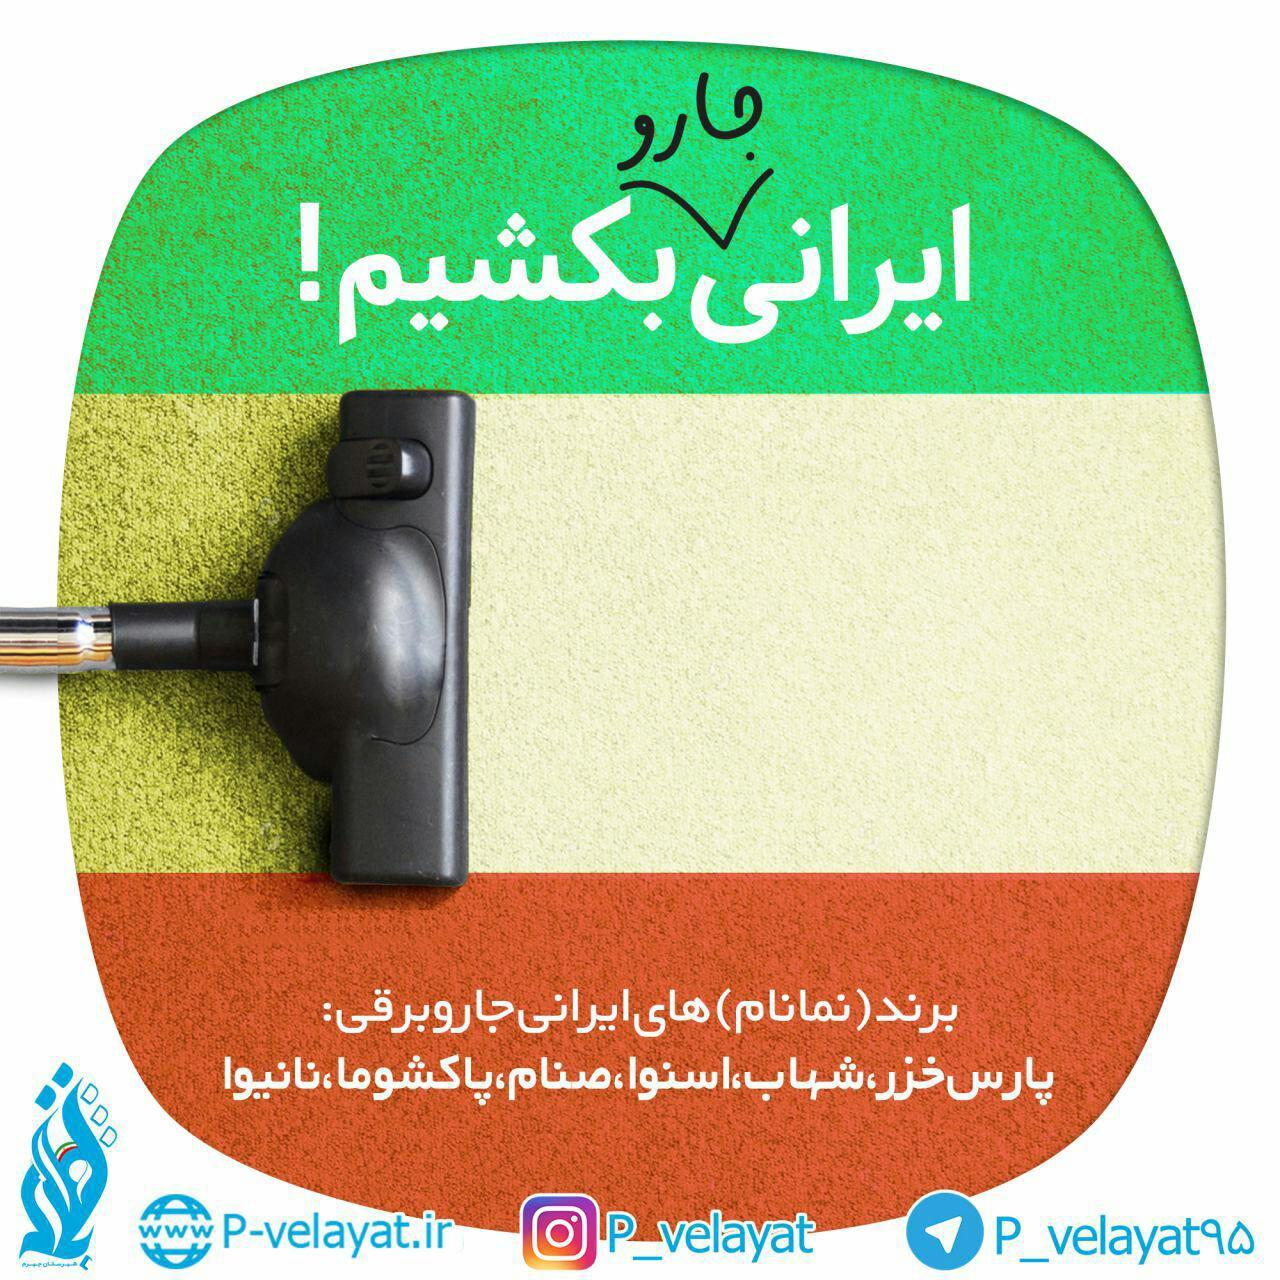 ایرانی جارو یکشیم!!!